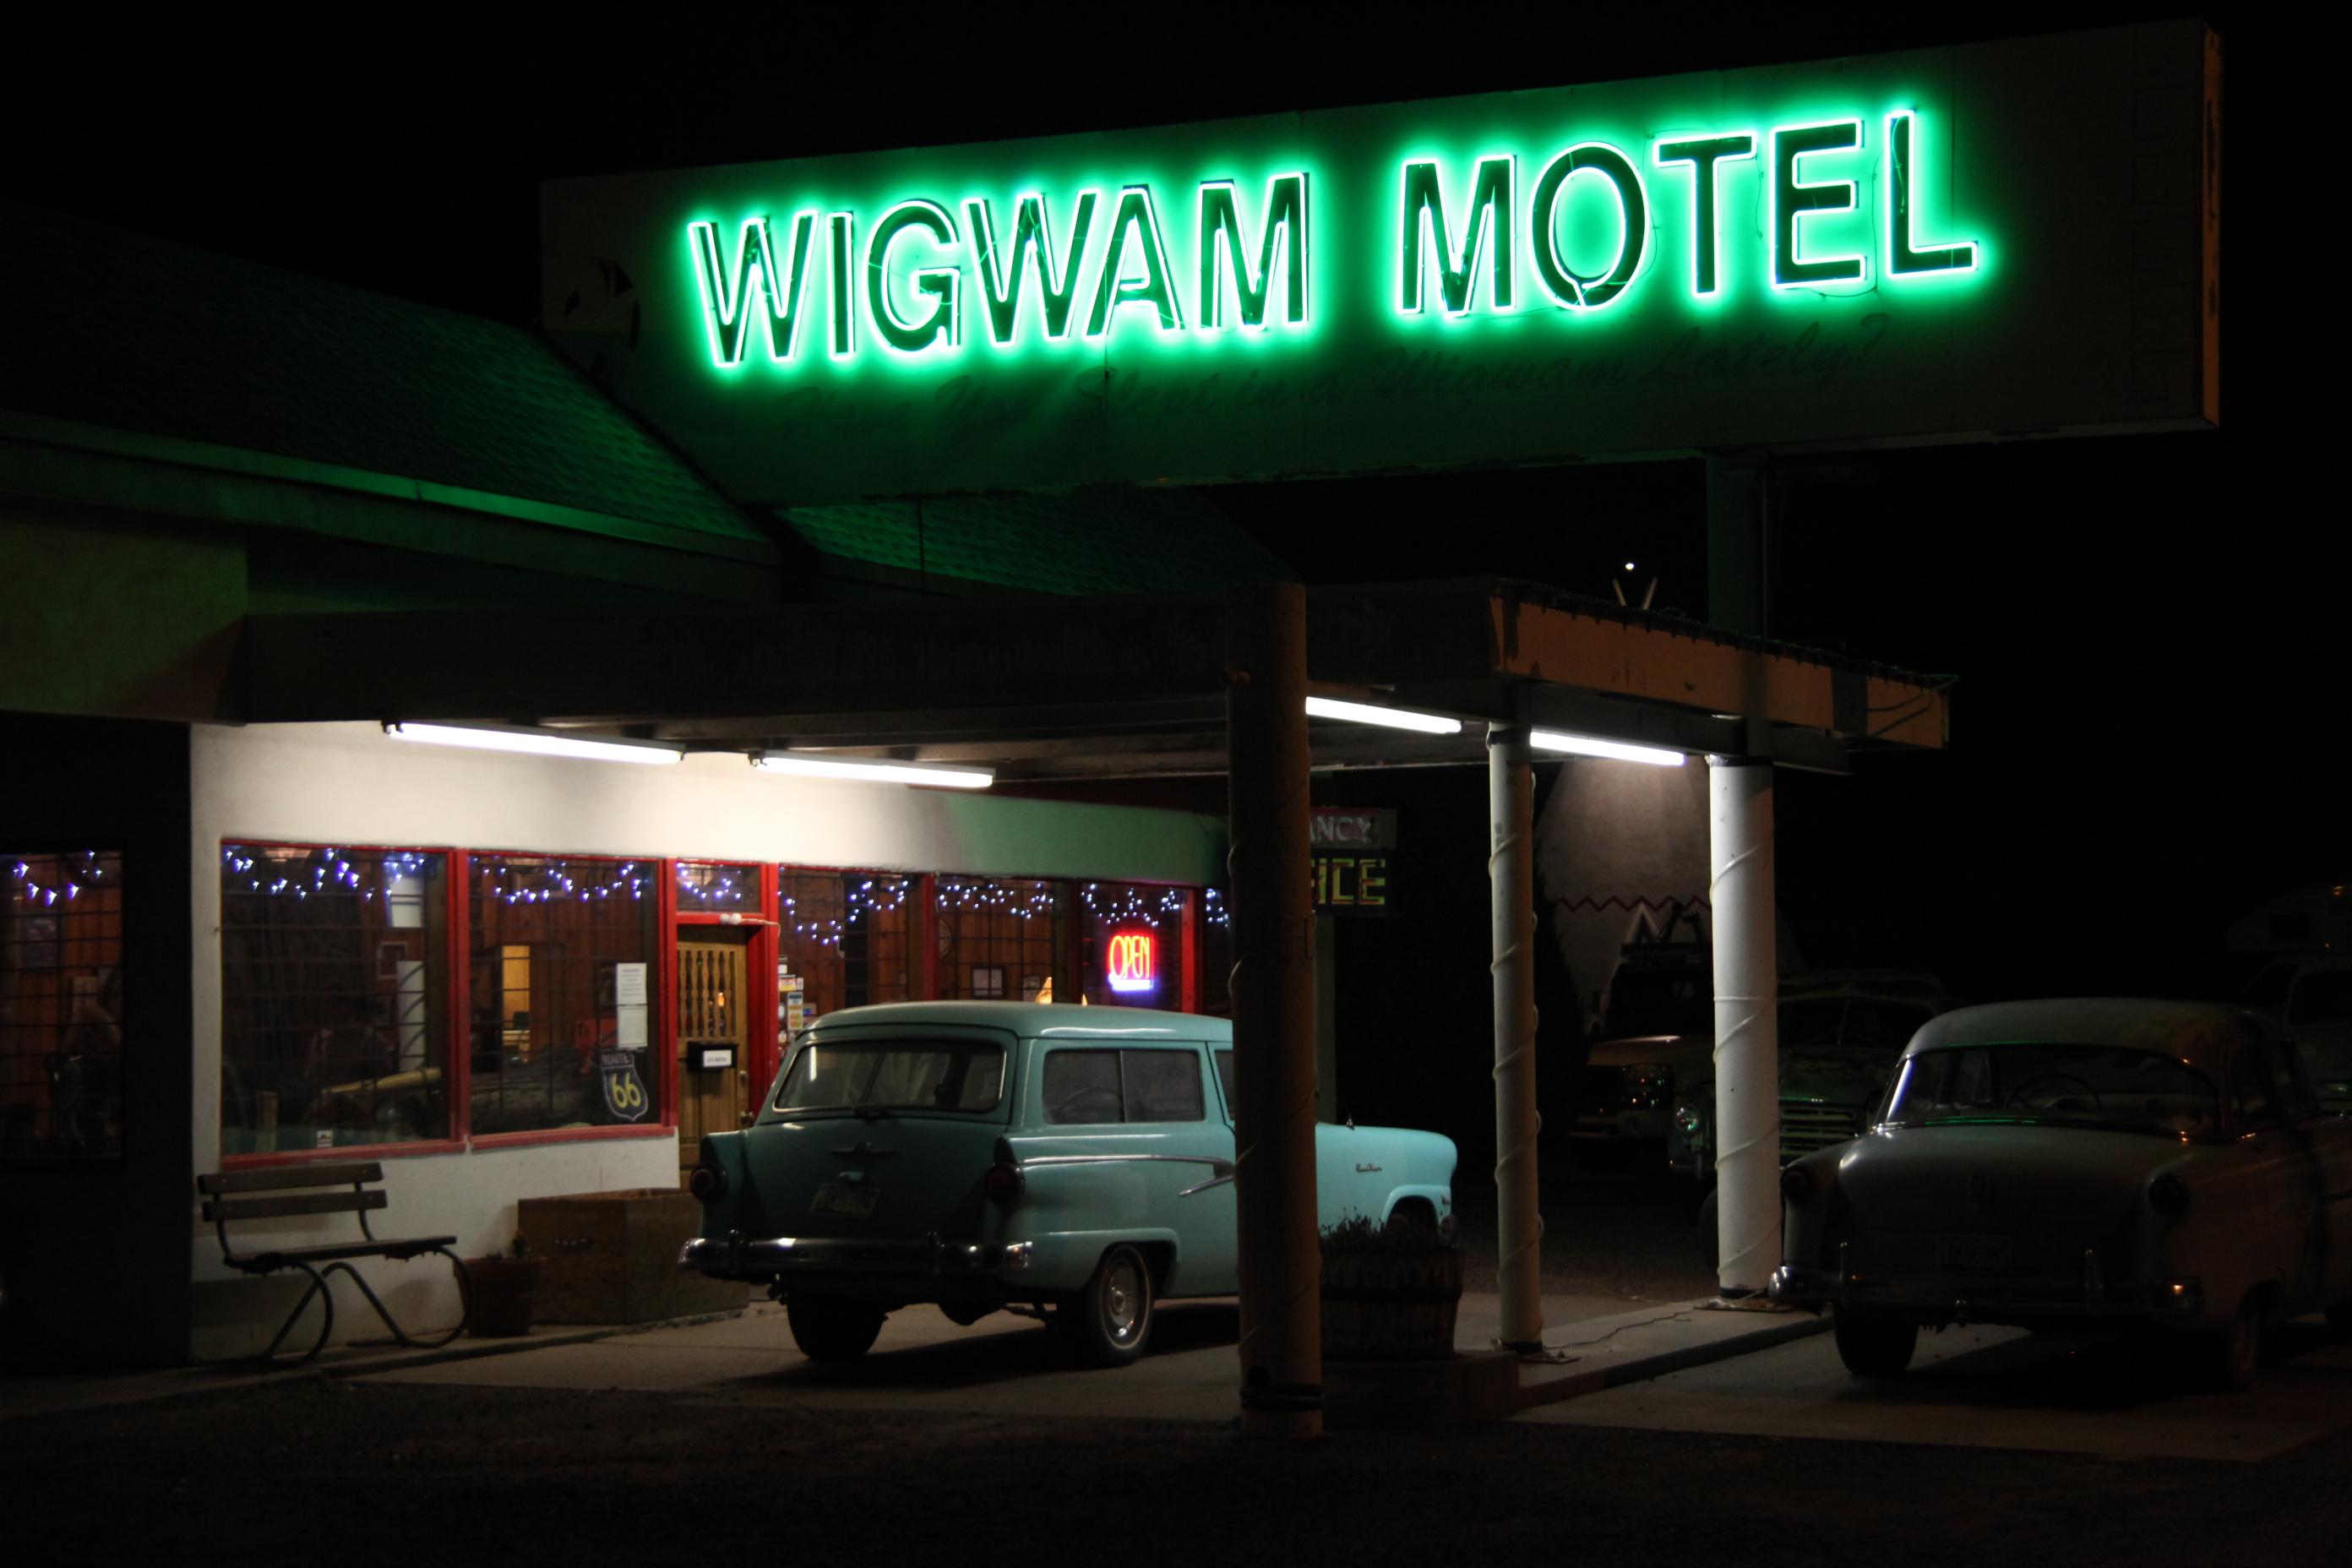 WigWam-Motel-Night